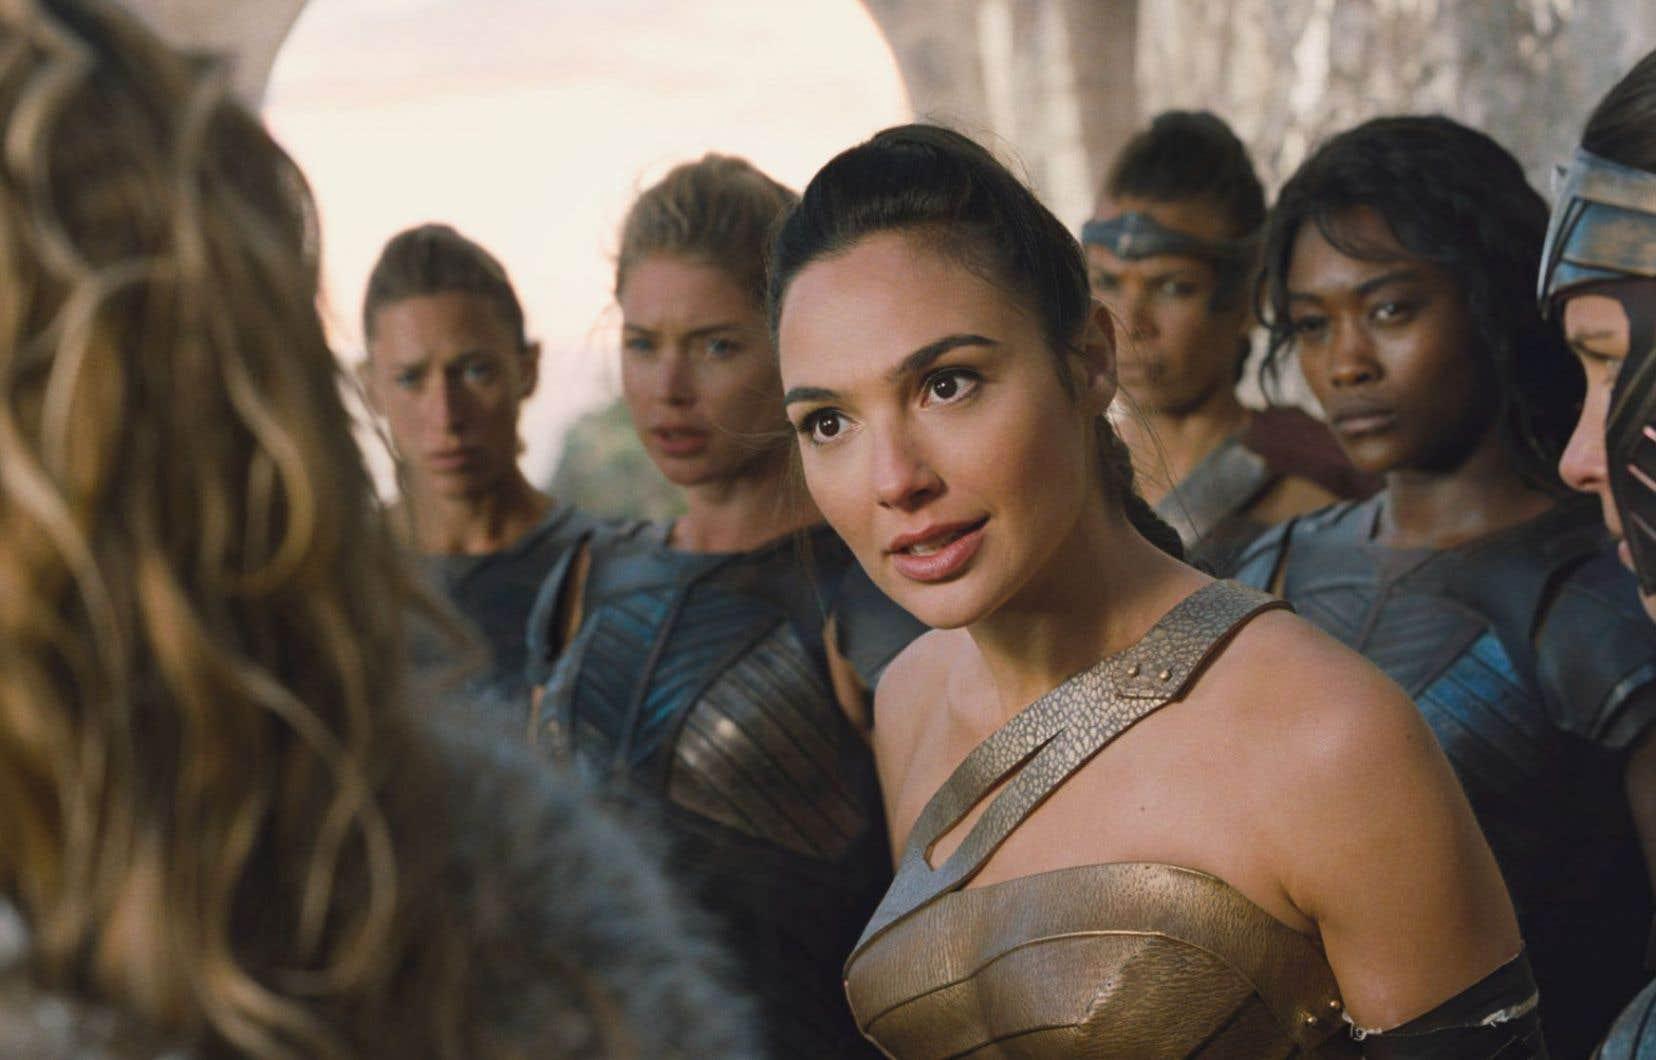 «Wonder Woman» injecte humour, énergie et élégance, avec à la clé quelques bonnes bagarres aux discrètes effusions de sang.